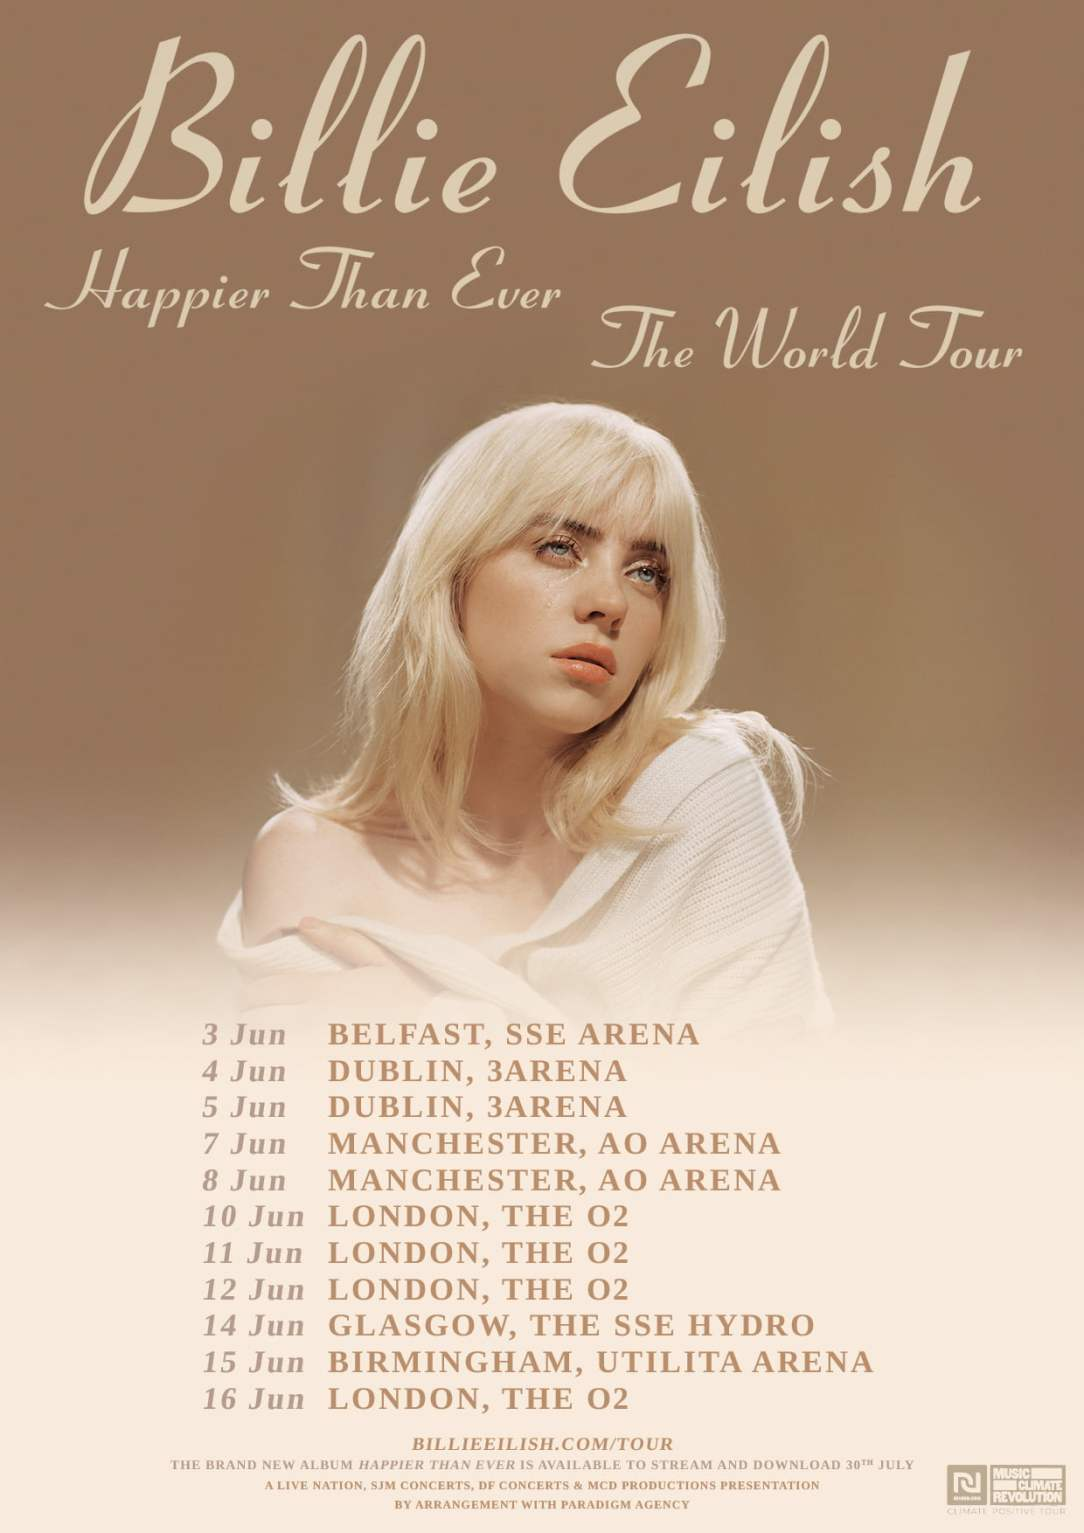 Billie Eilish 2022 World Tour Dates